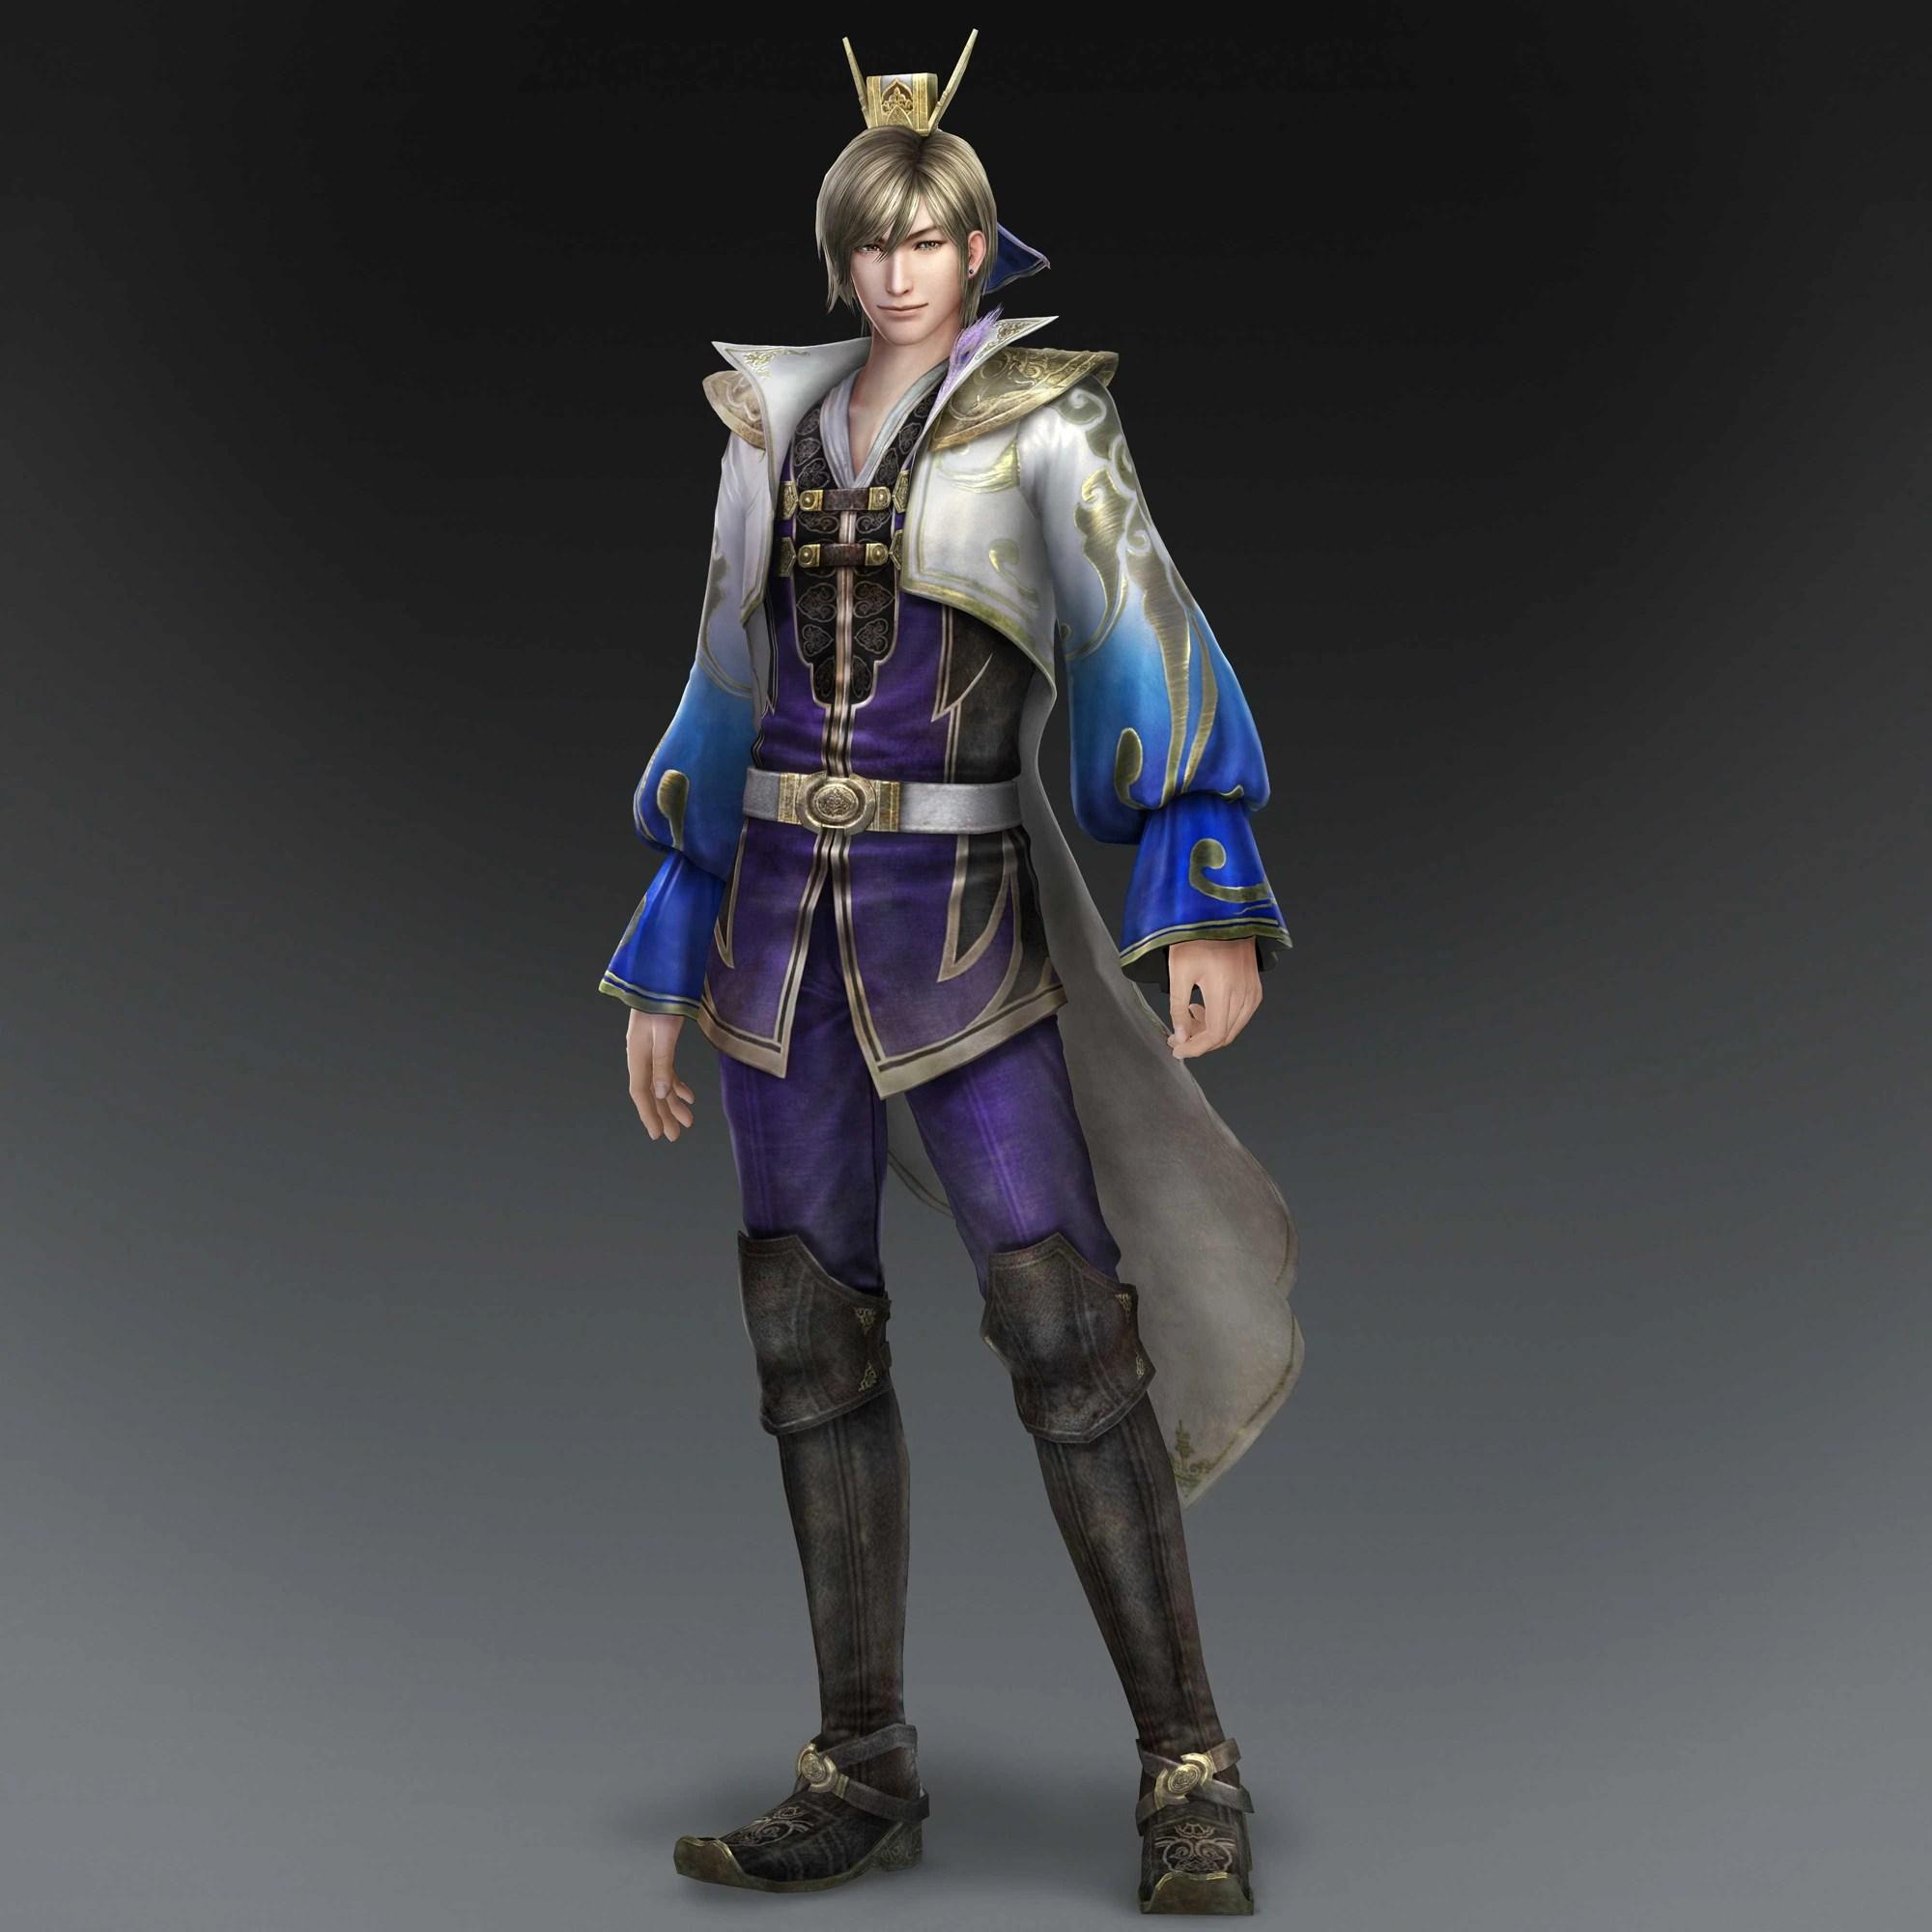 Dynasty Warriors 8 Announced